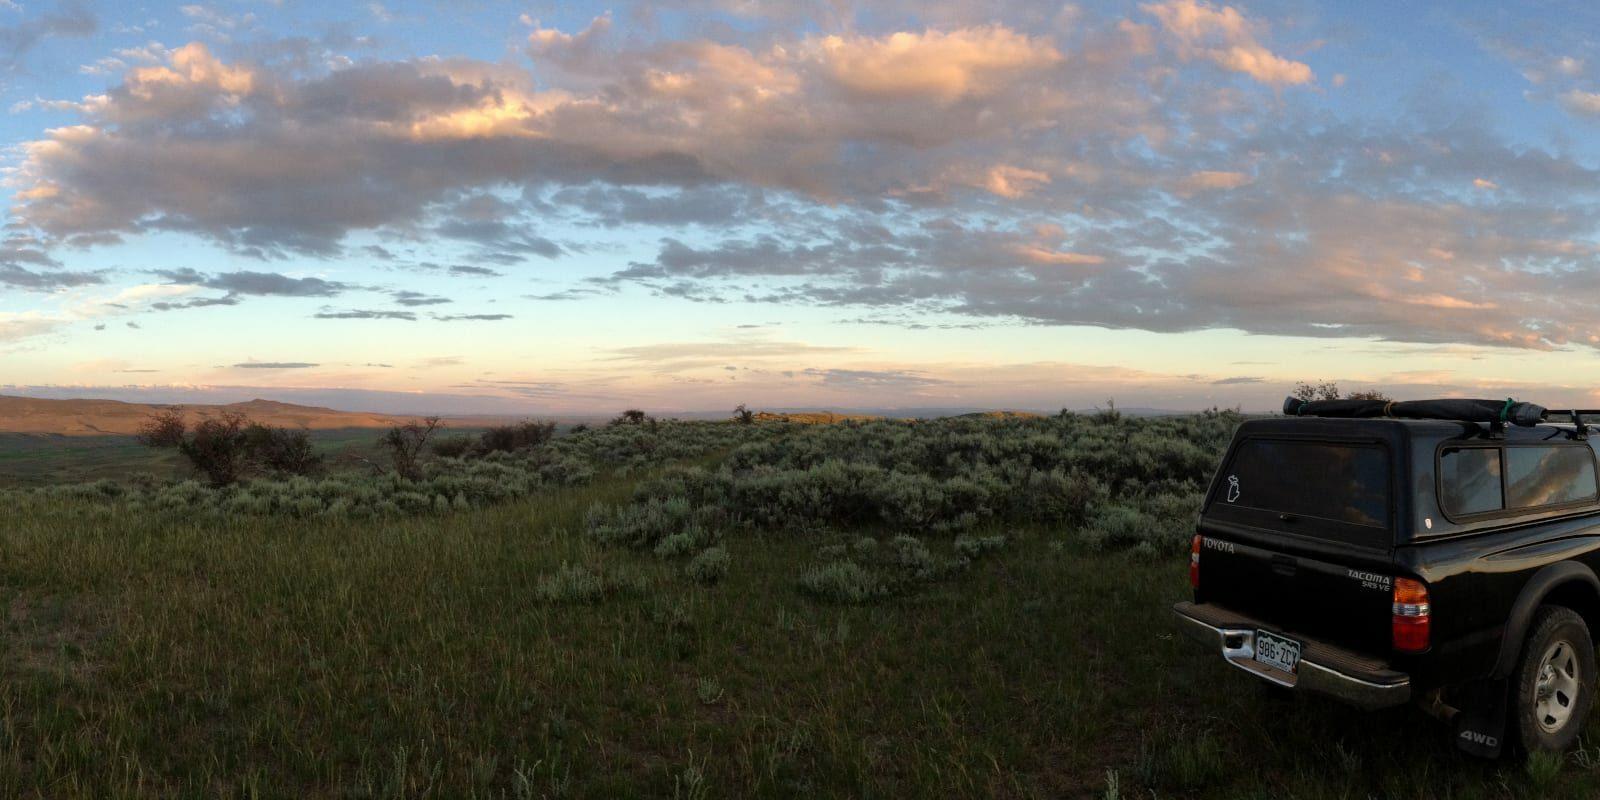 Camping near Craig Colorado